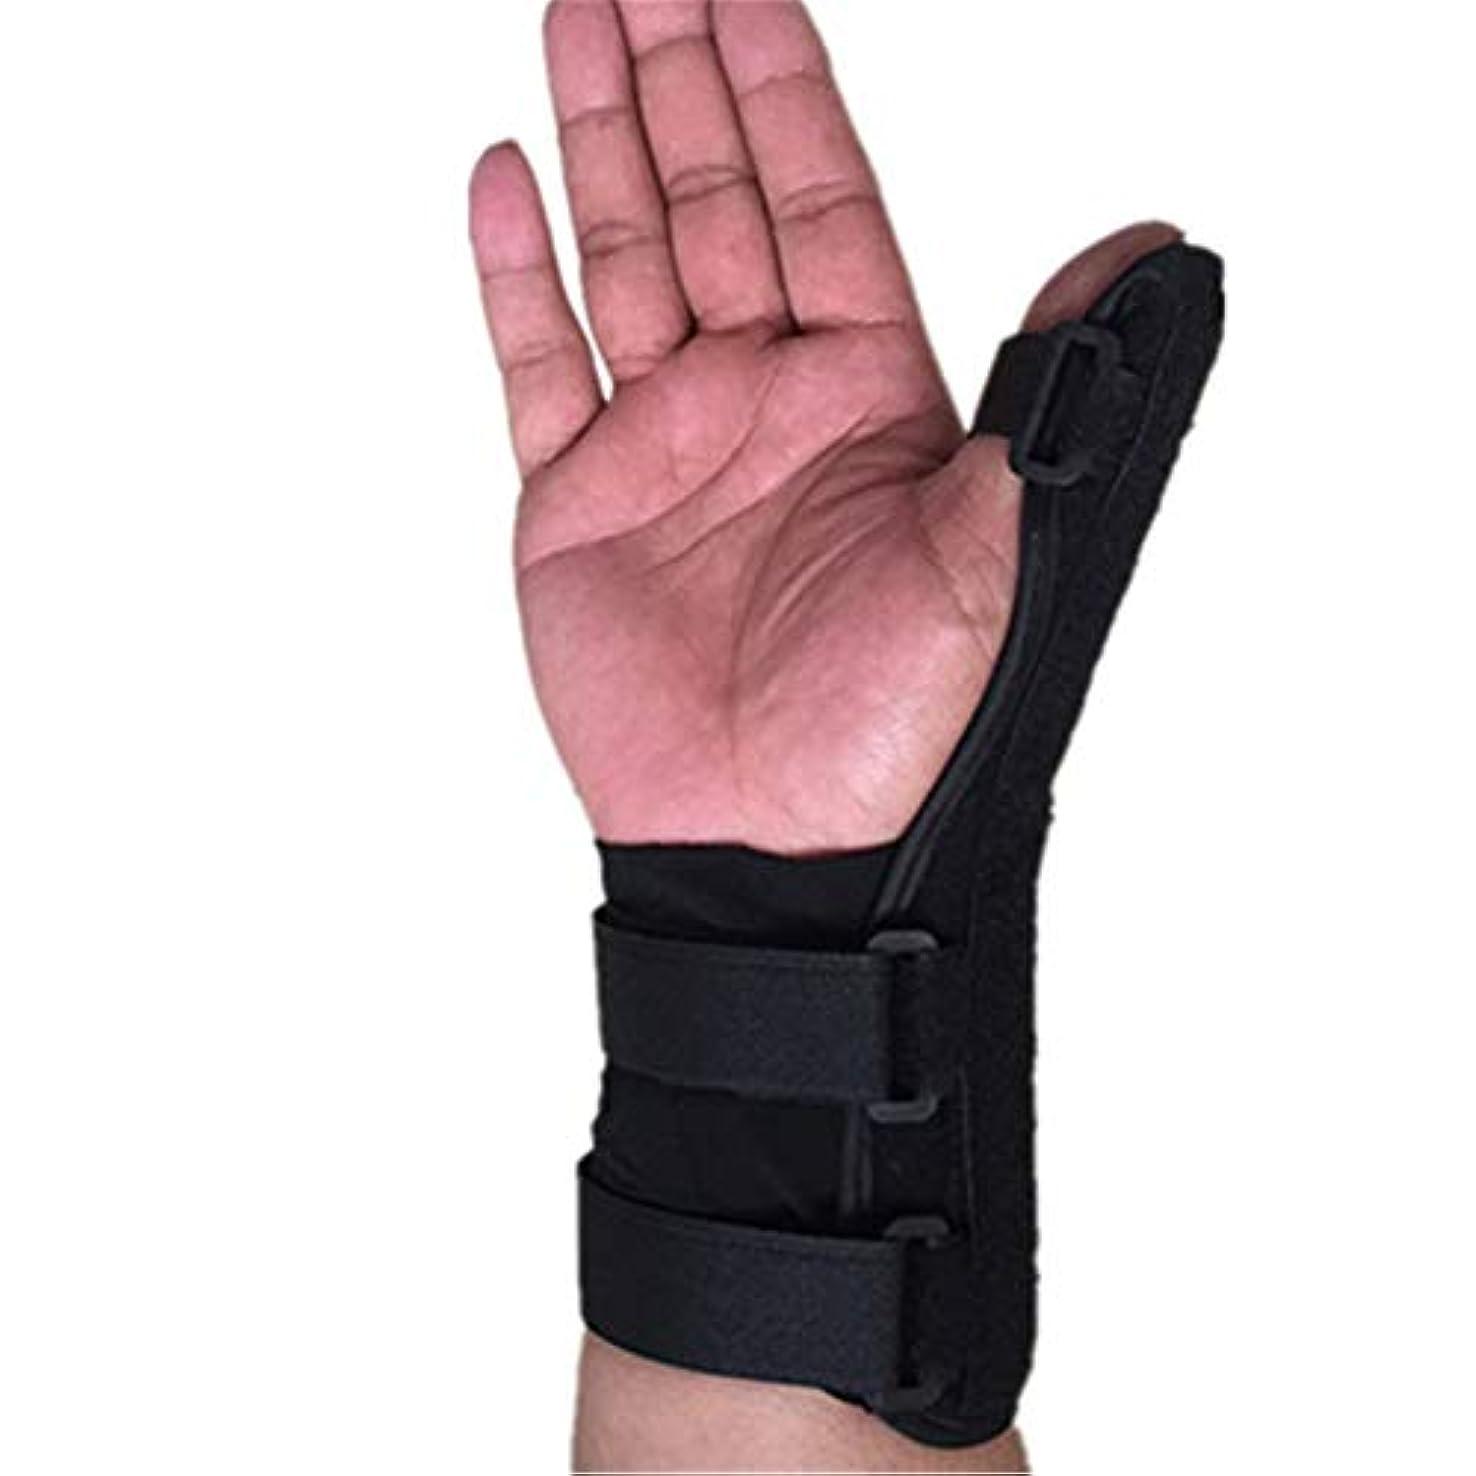 比類のないあなたのものシャンプー指サポーター ばね指サポーター バネ指 腱鞘炎 指保護 固定 調整自在 左右兼用 フリーサイズ